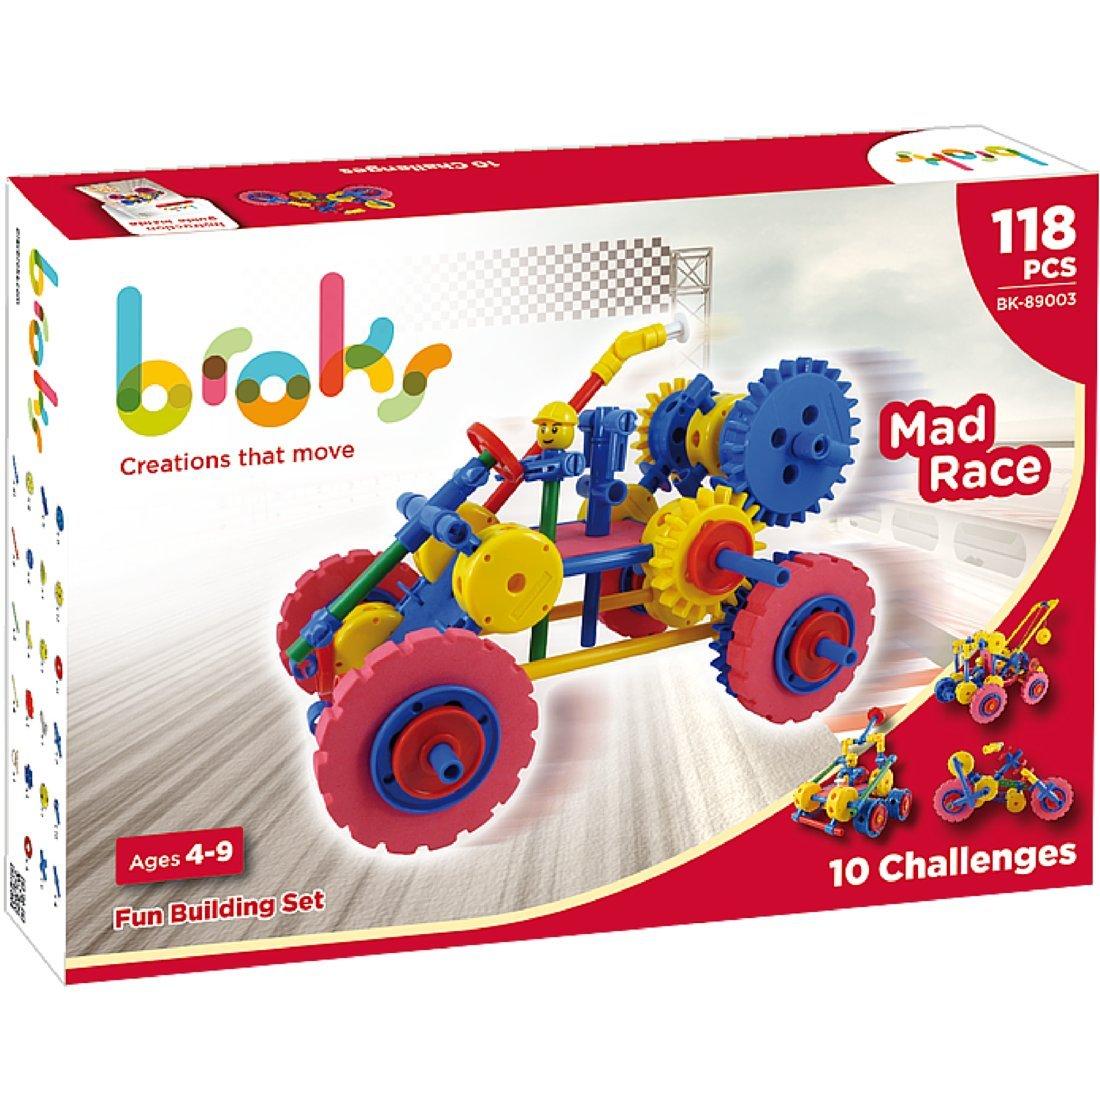 BROKS Mad Race Juego de construcción con piezas encajables incluidos engranajes de